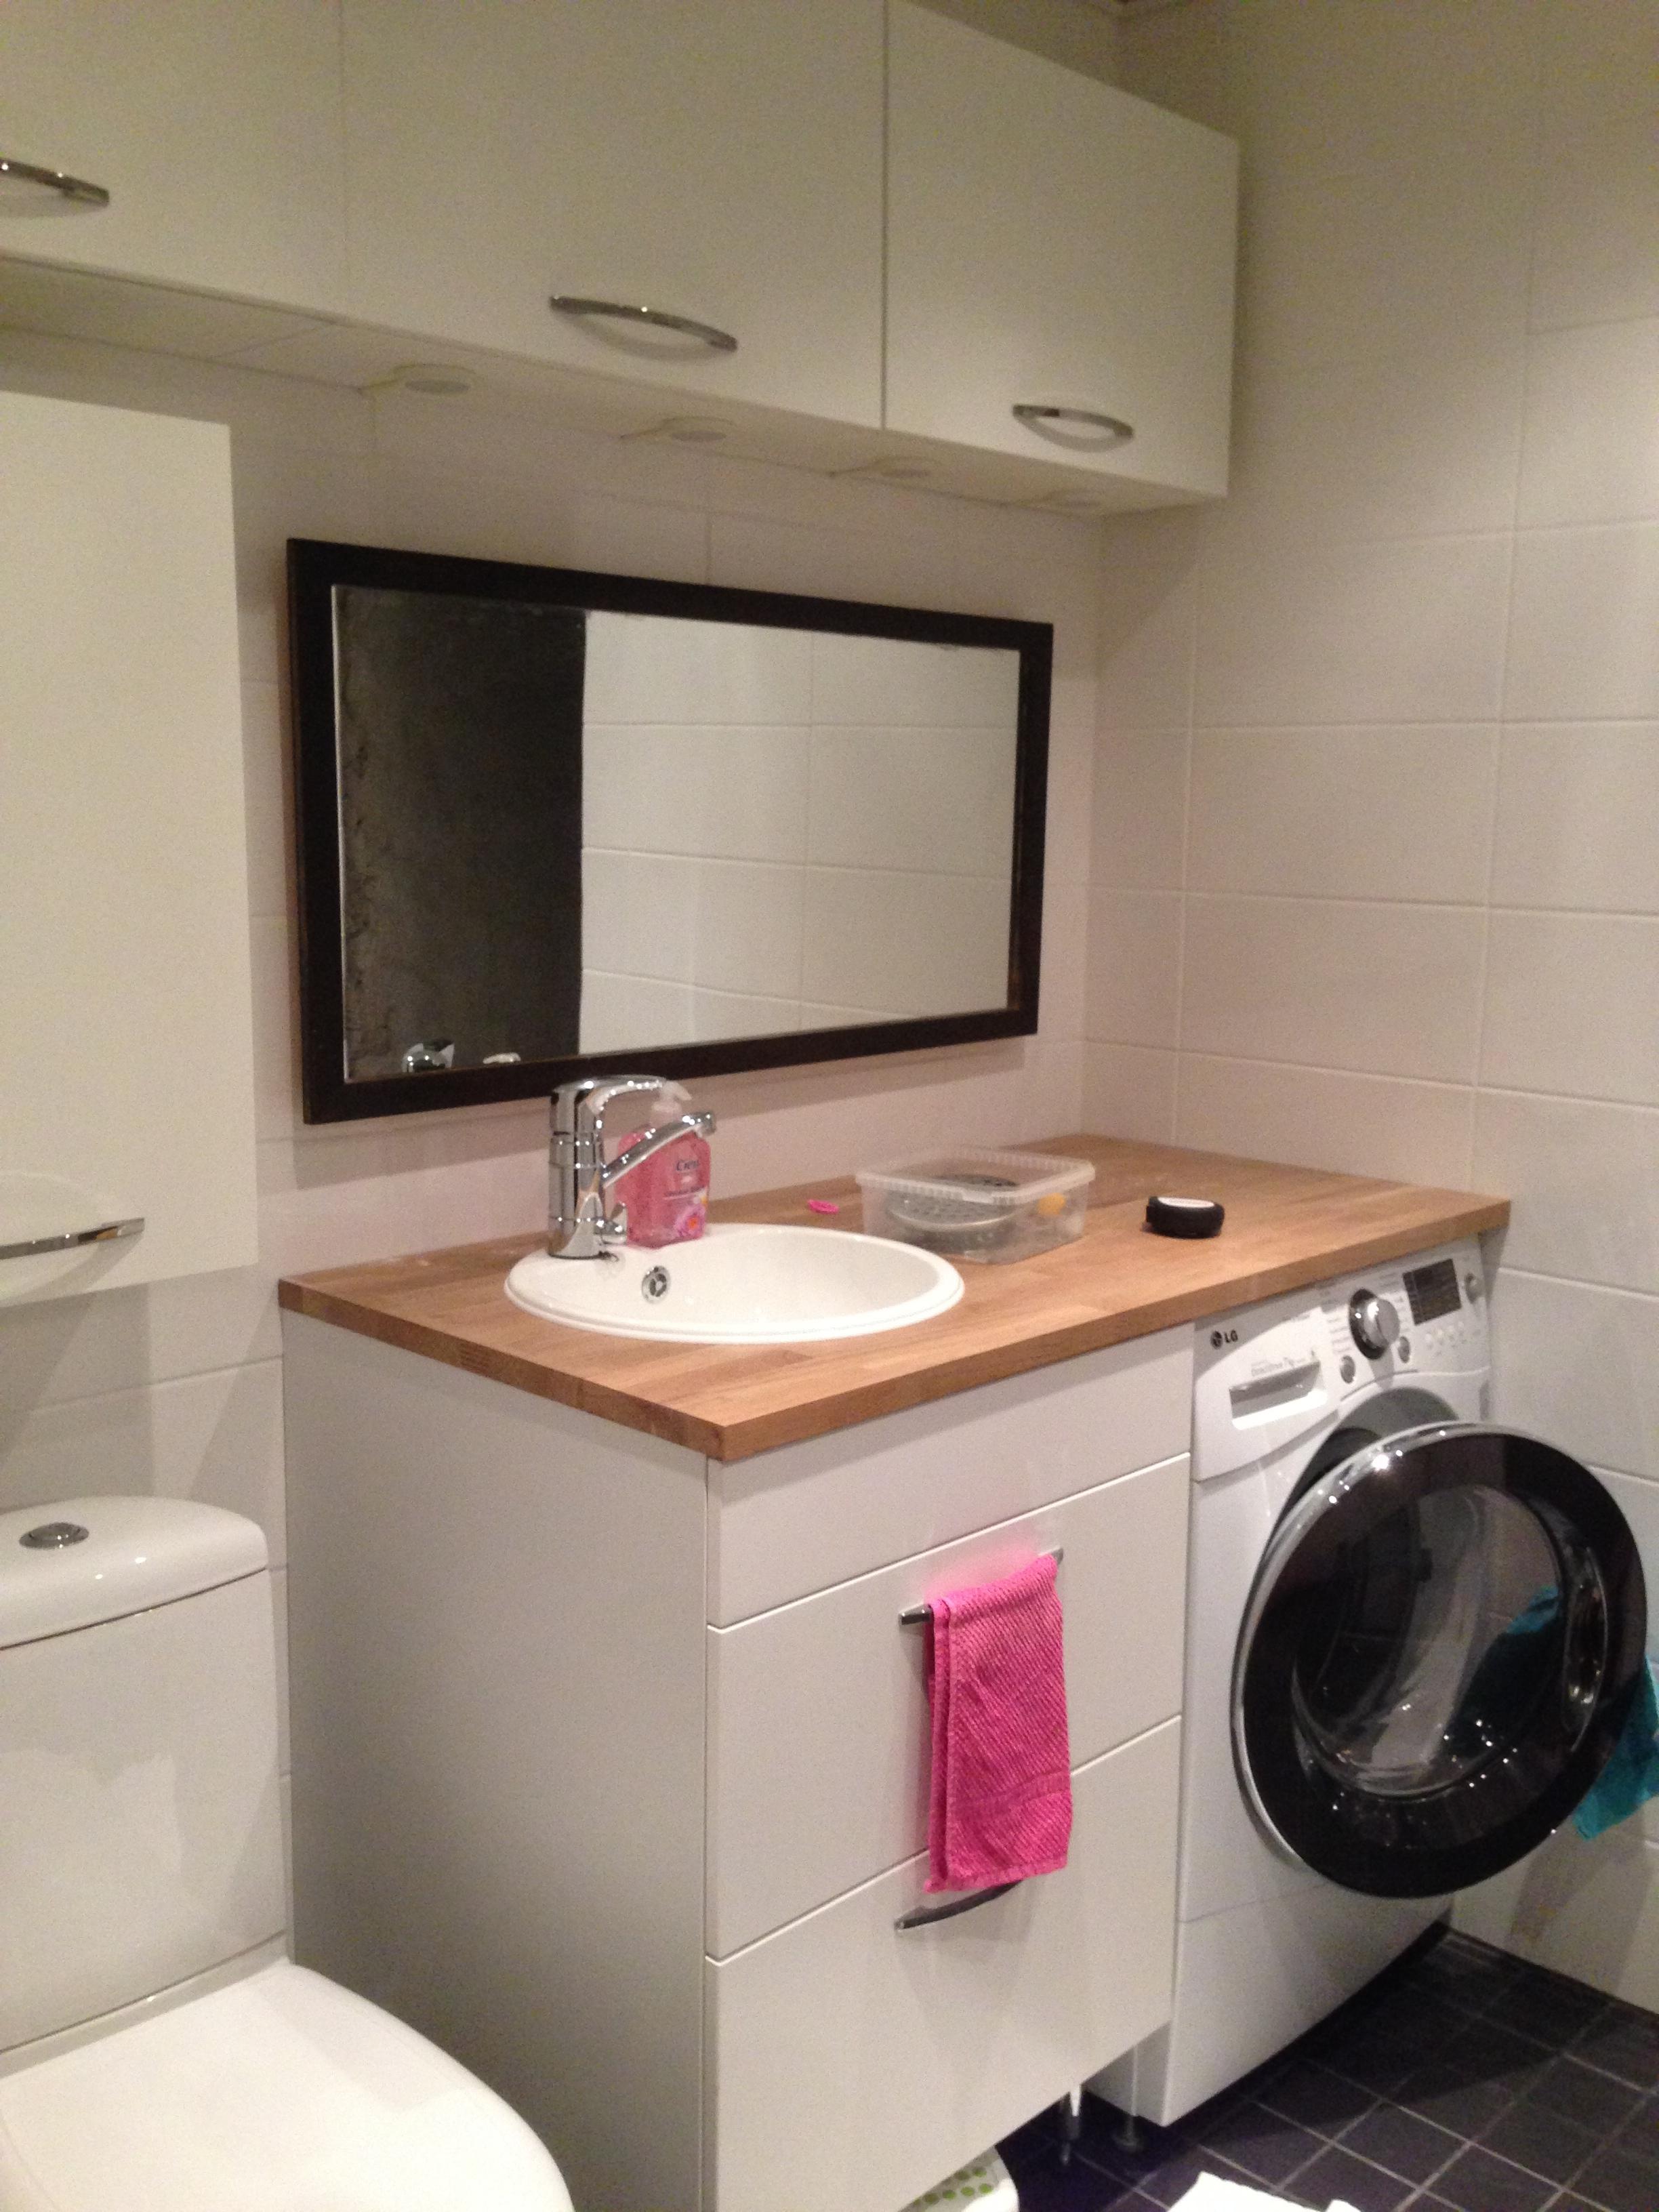 Kylpyhuoneen kalustesuunnitelma ja toteutus – Visuilulla voittoon  KodinHenke